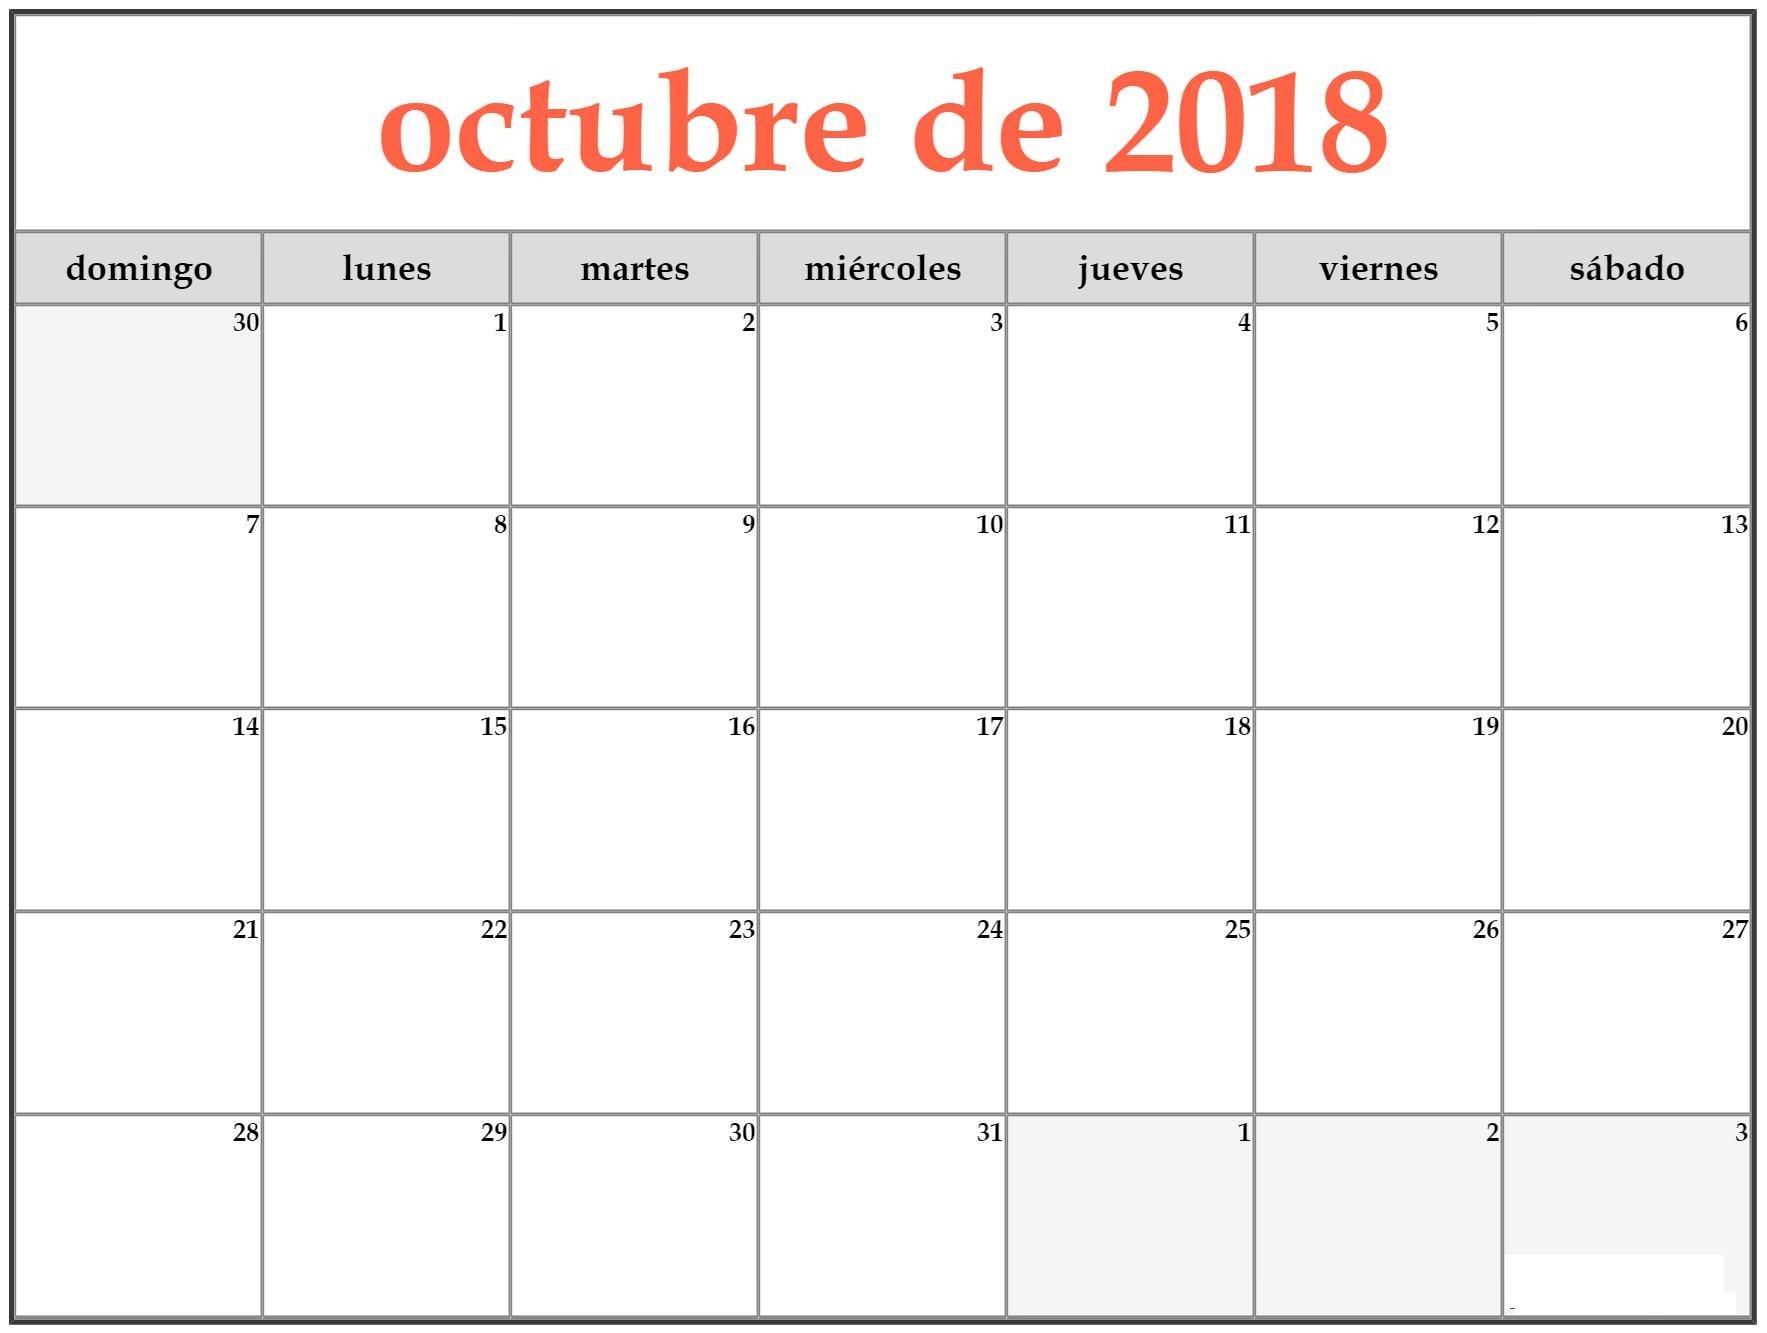 Calendario Imprimir Octubre 2016 Más Caliente Best Calendario Del Mes De Octubre Image Collection